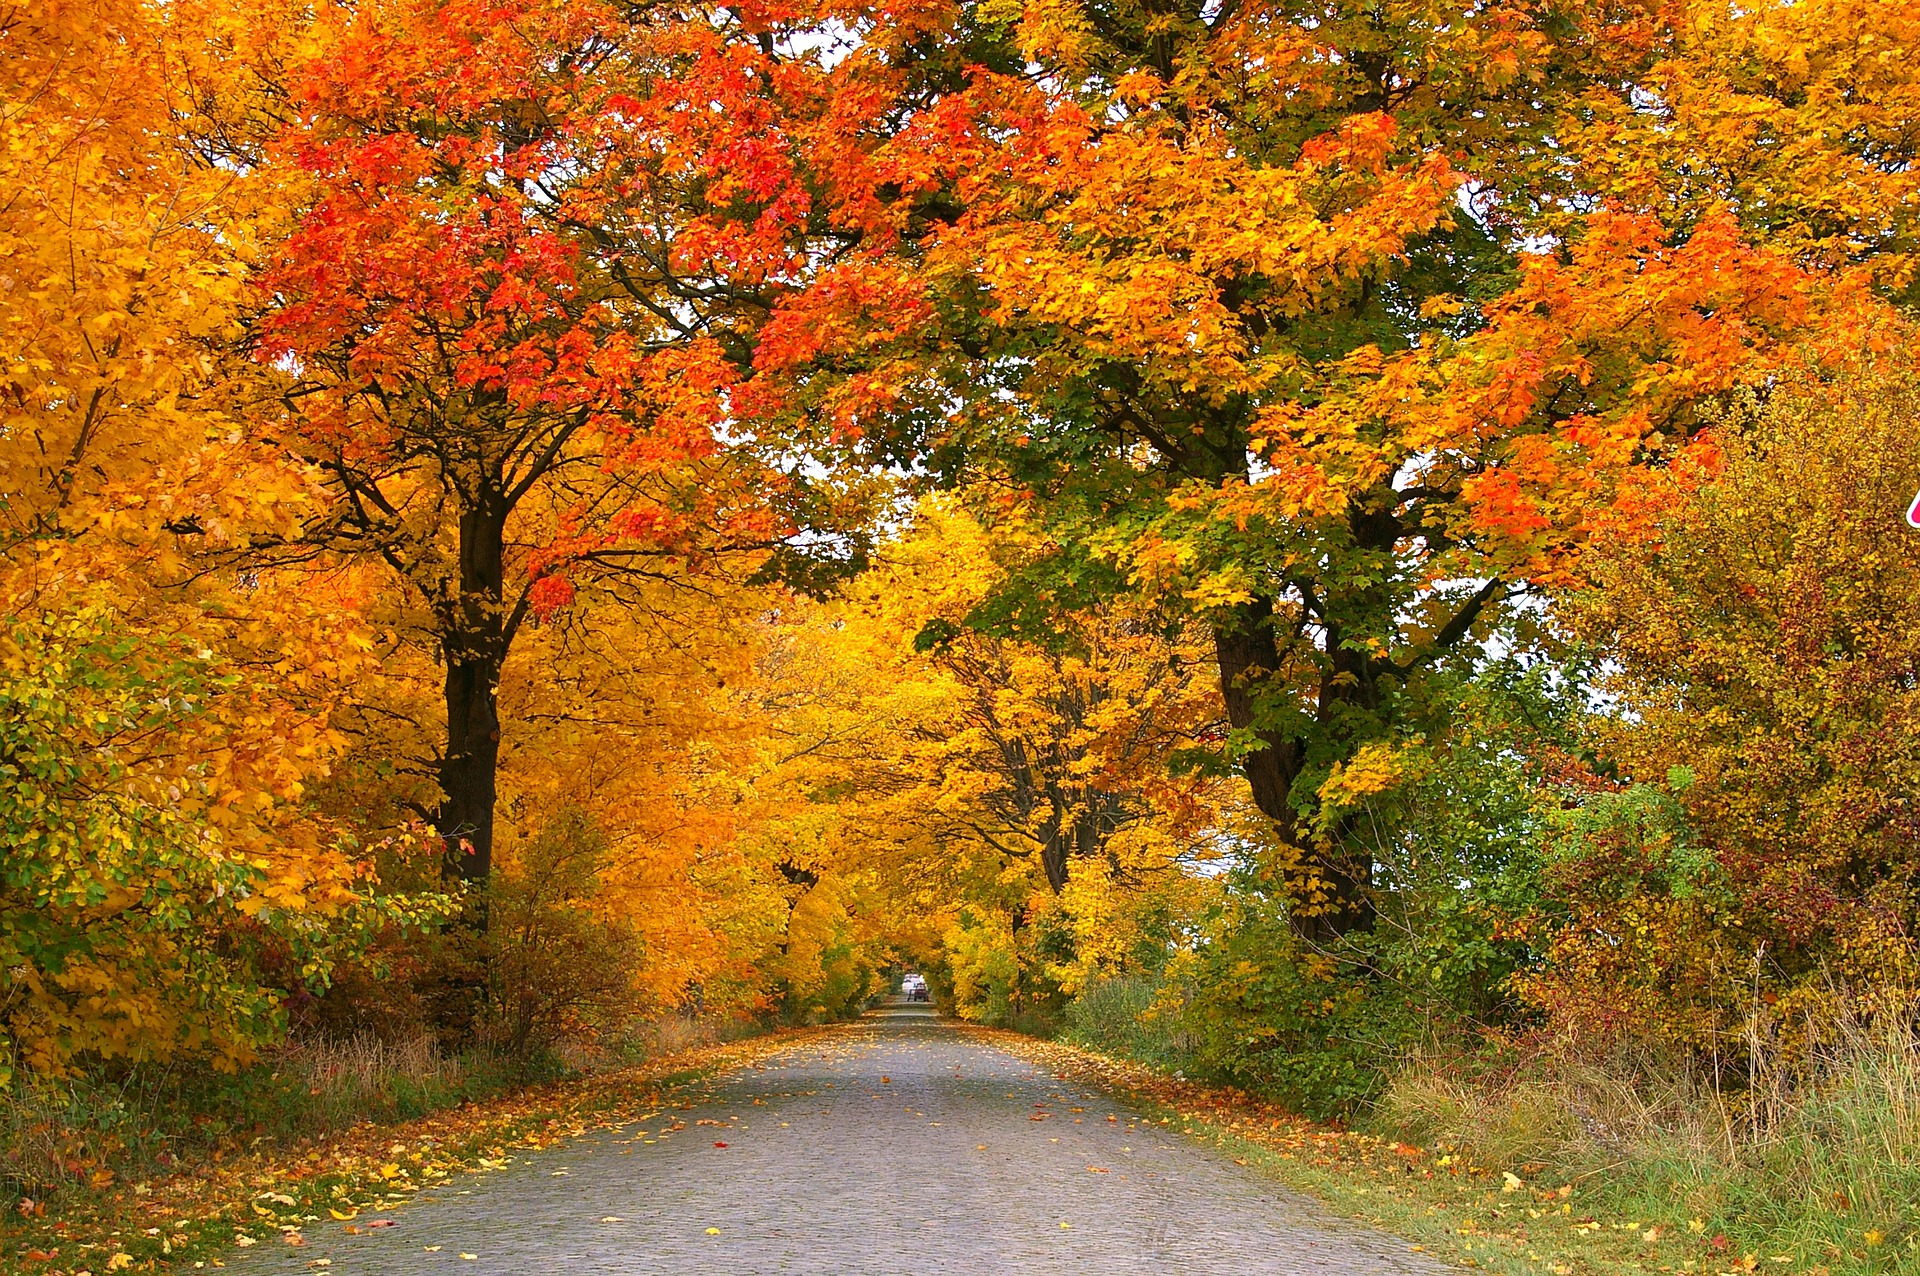 تصاویر زیبا از پاییز با کیفیت بالا